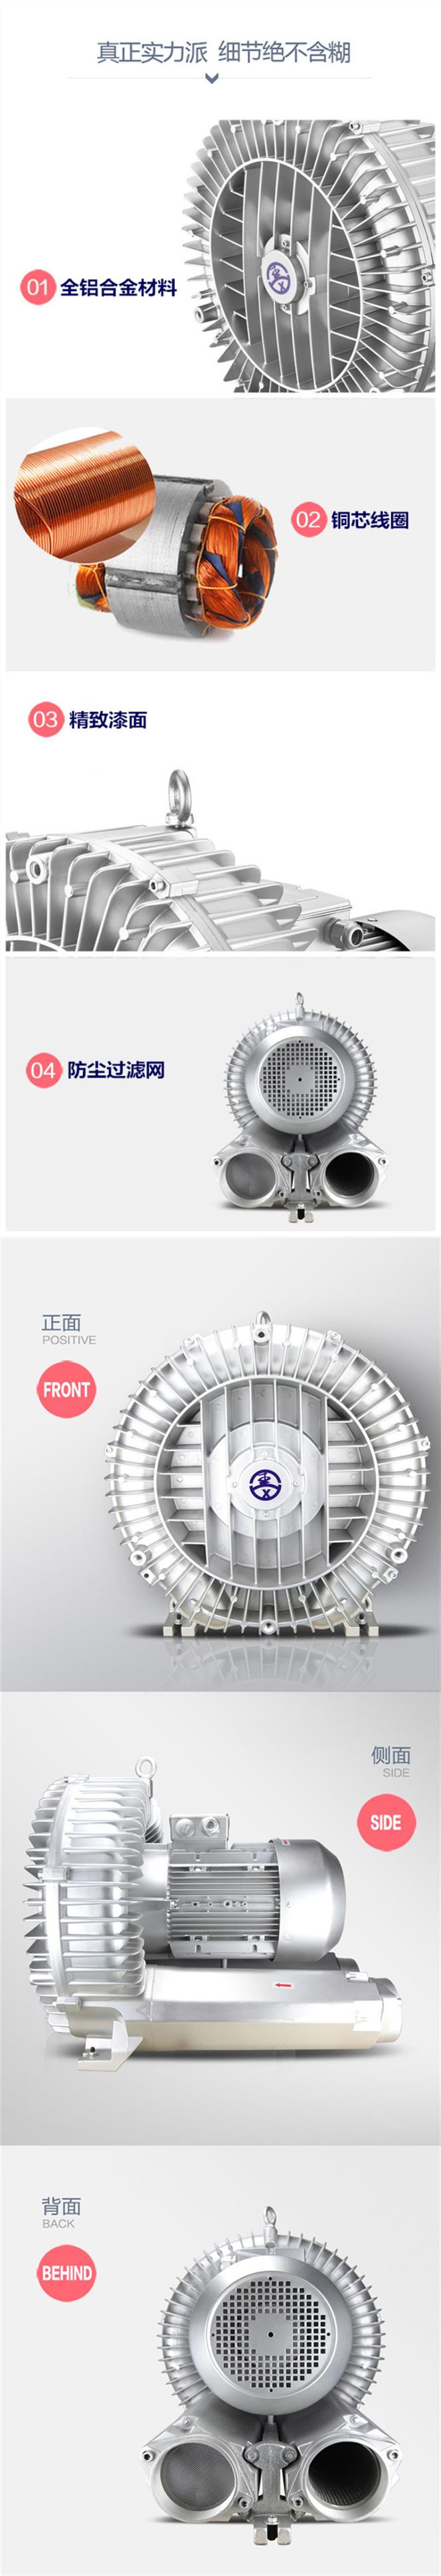 北京環型高壓鼓風機 全風高壓風機廠 進口高壓鼓風機示例圖4